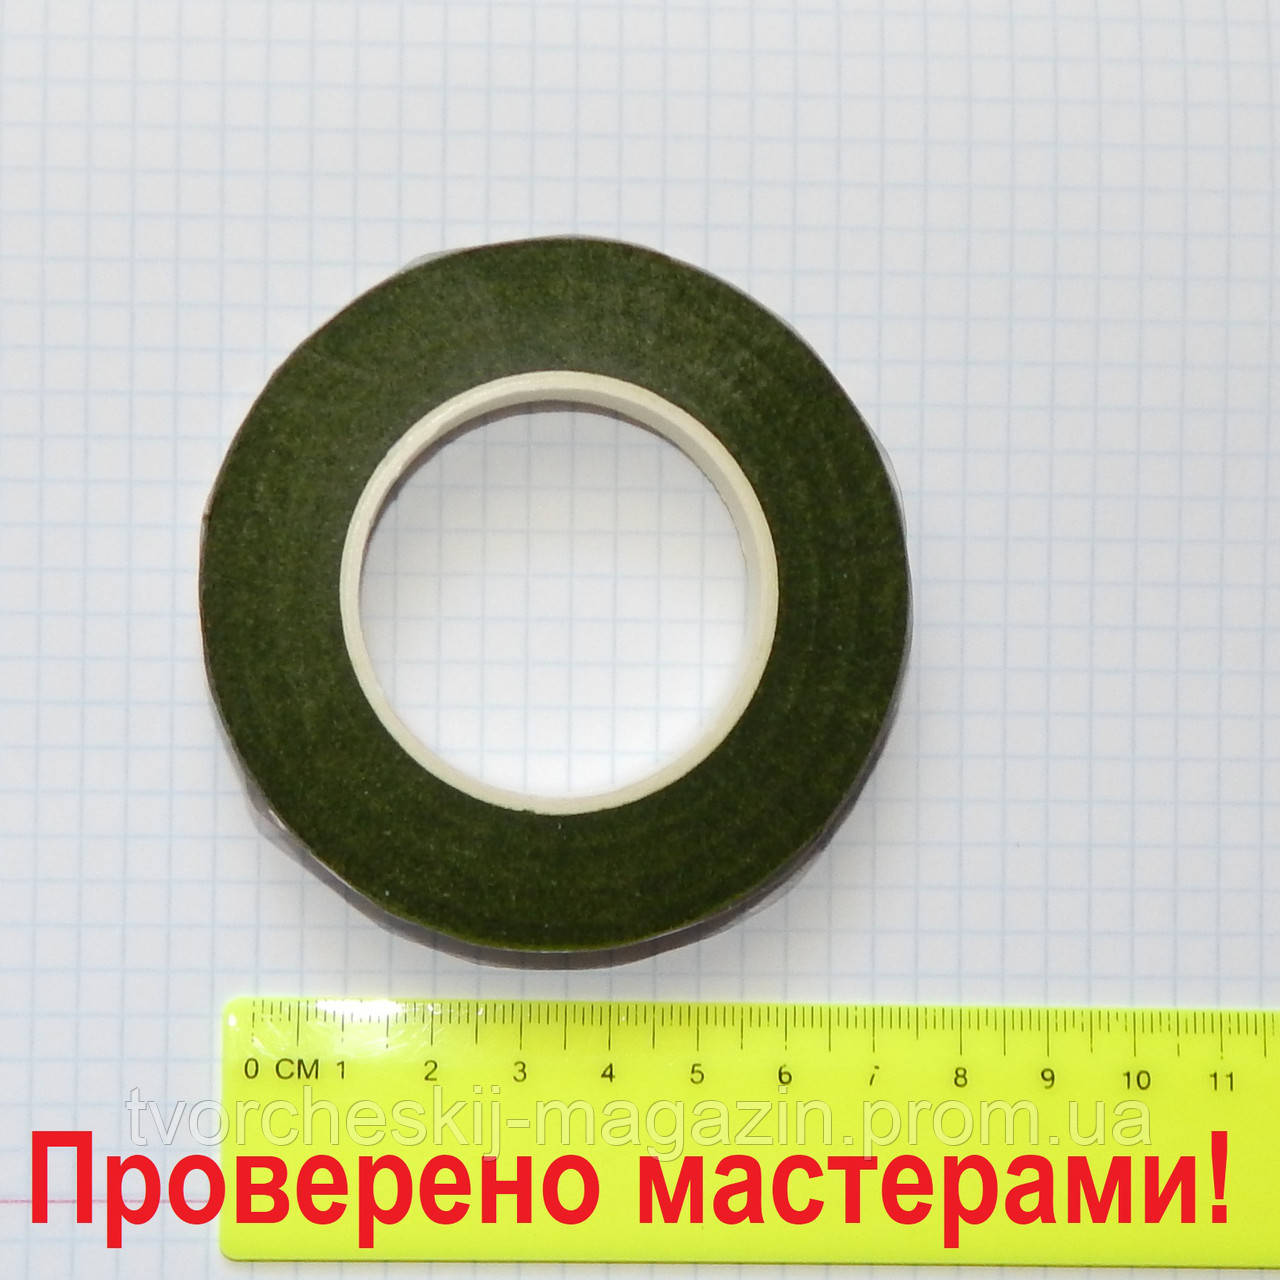 Тейп-Лента темный Зеленый травяной, 27м, 1,2см (12 мм) 1 бобина